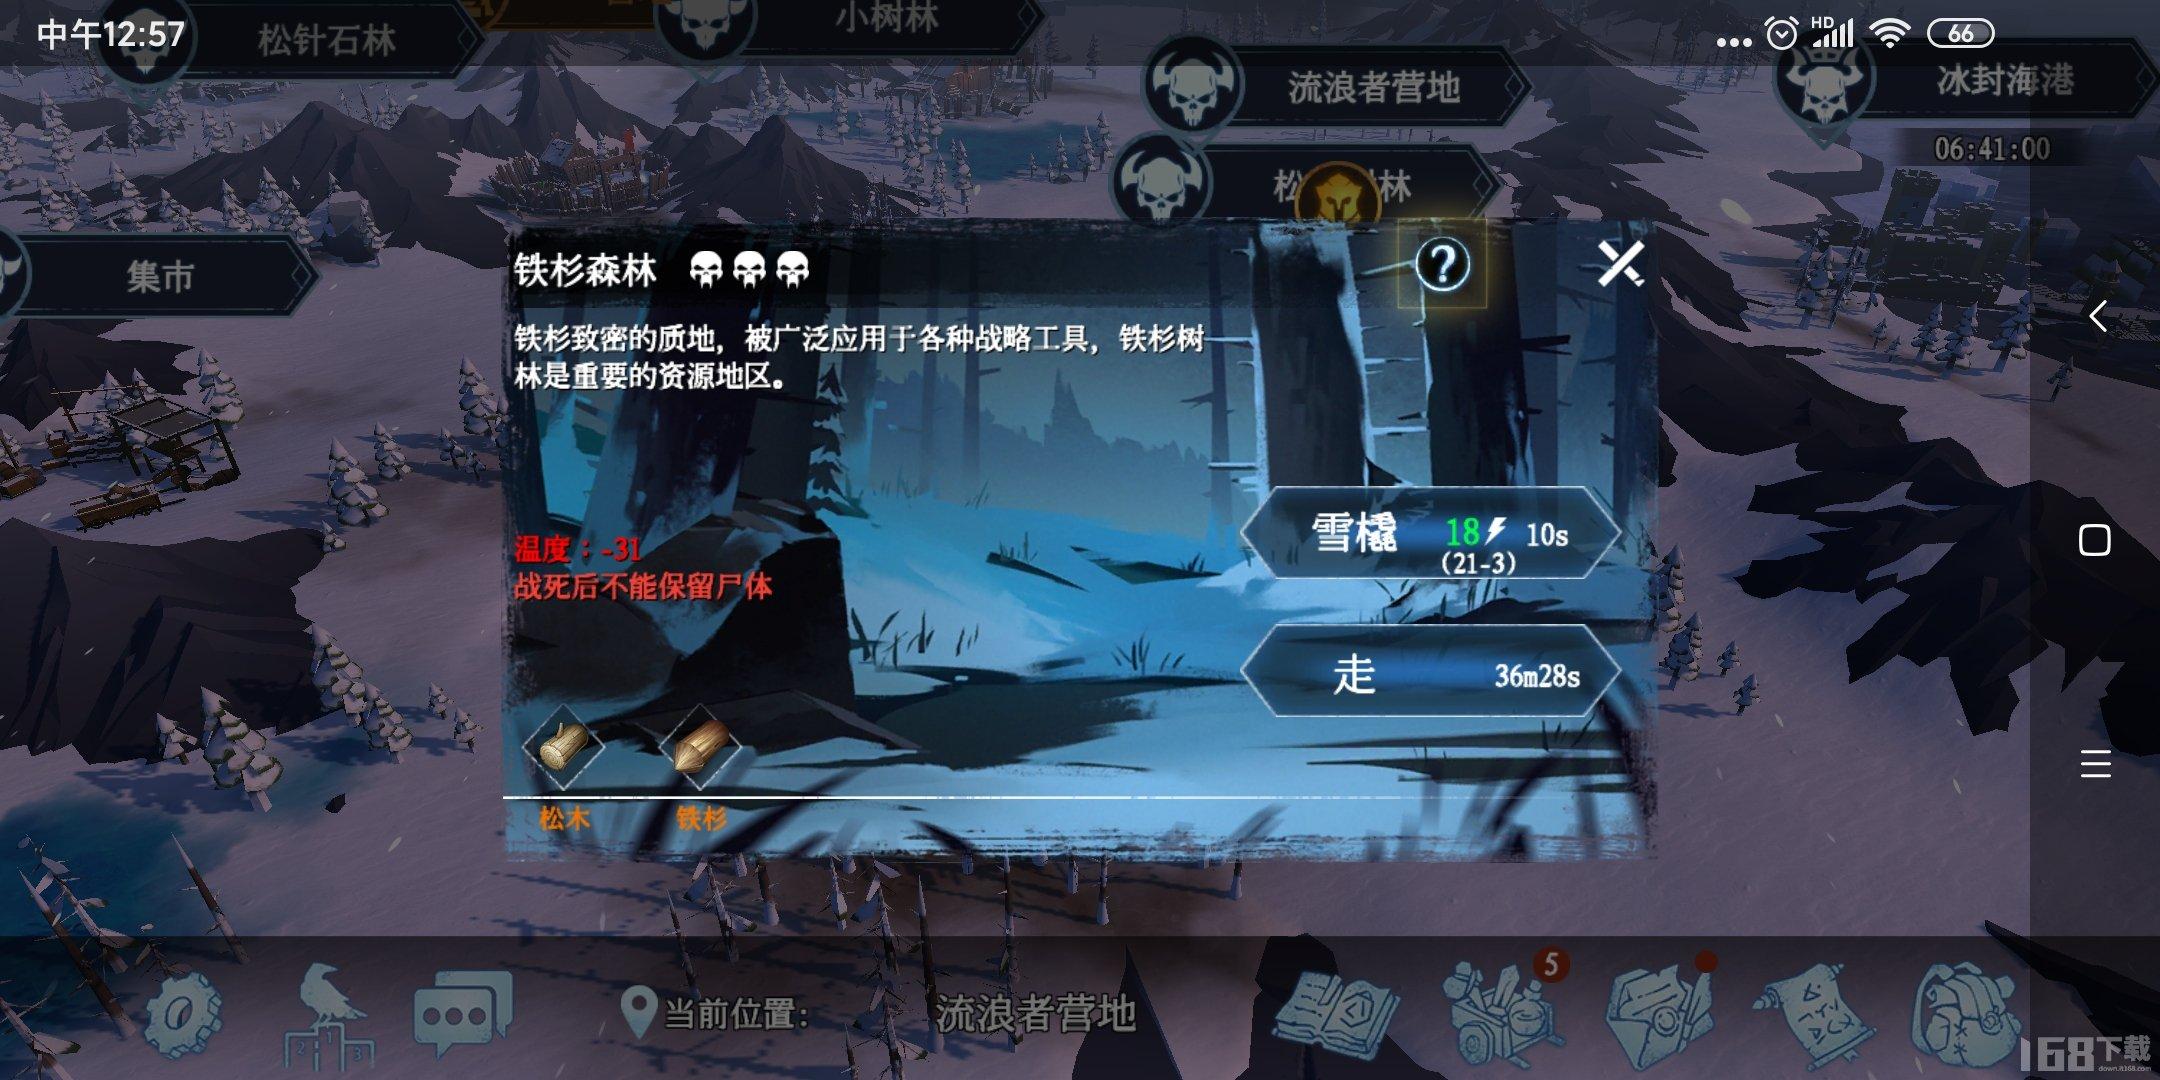 凛冬资源图攻略 凛冬各资源图玩法指南